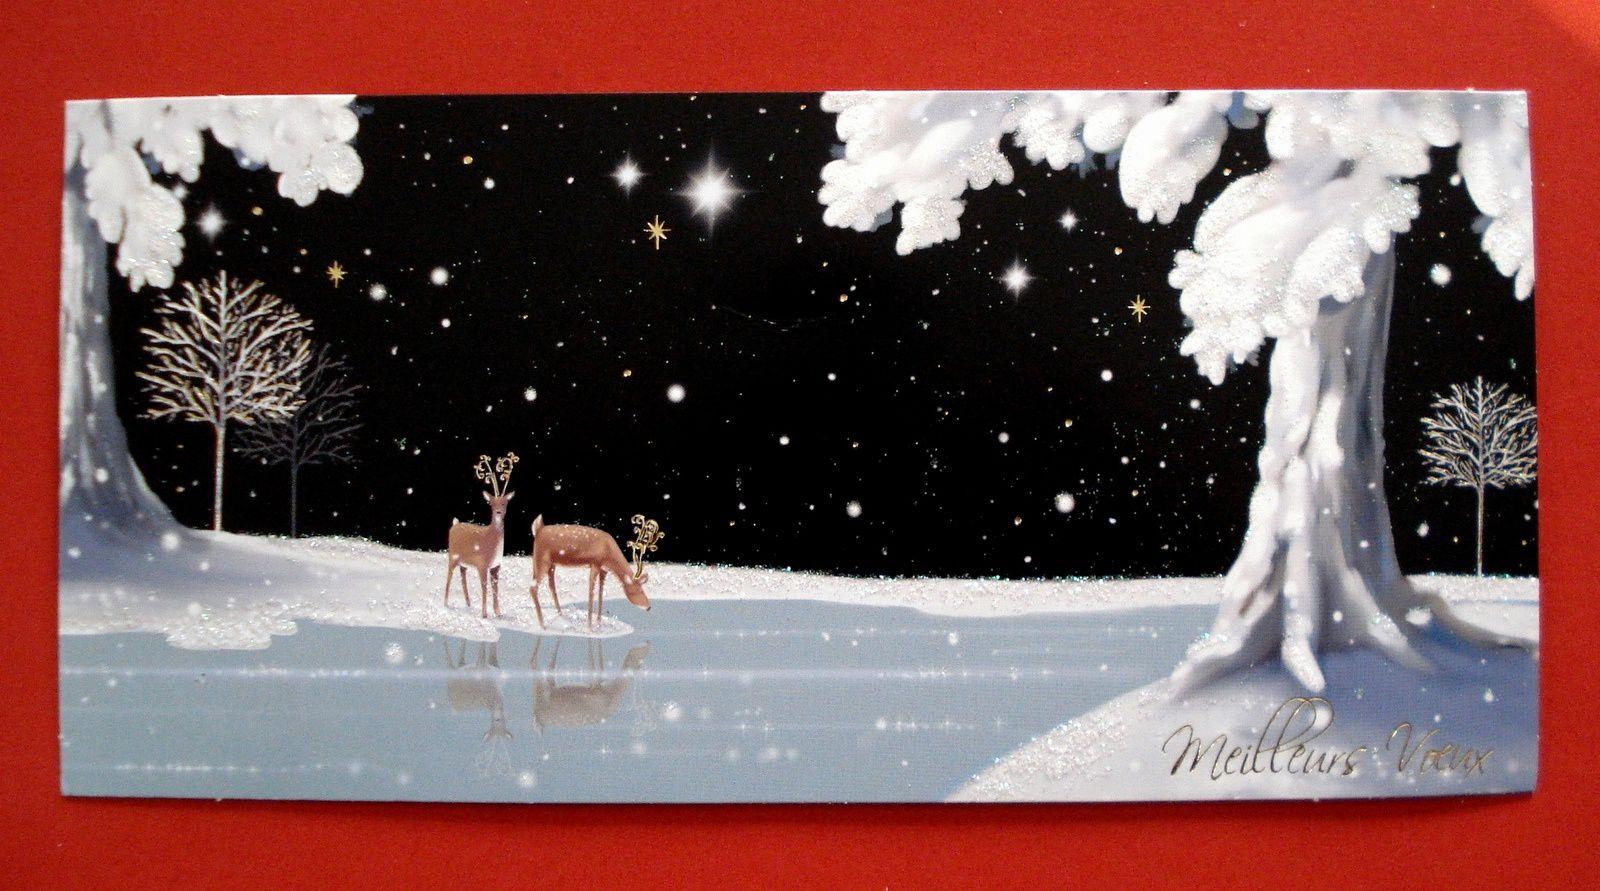 Cadeaux de Noël et cartes de voeux.